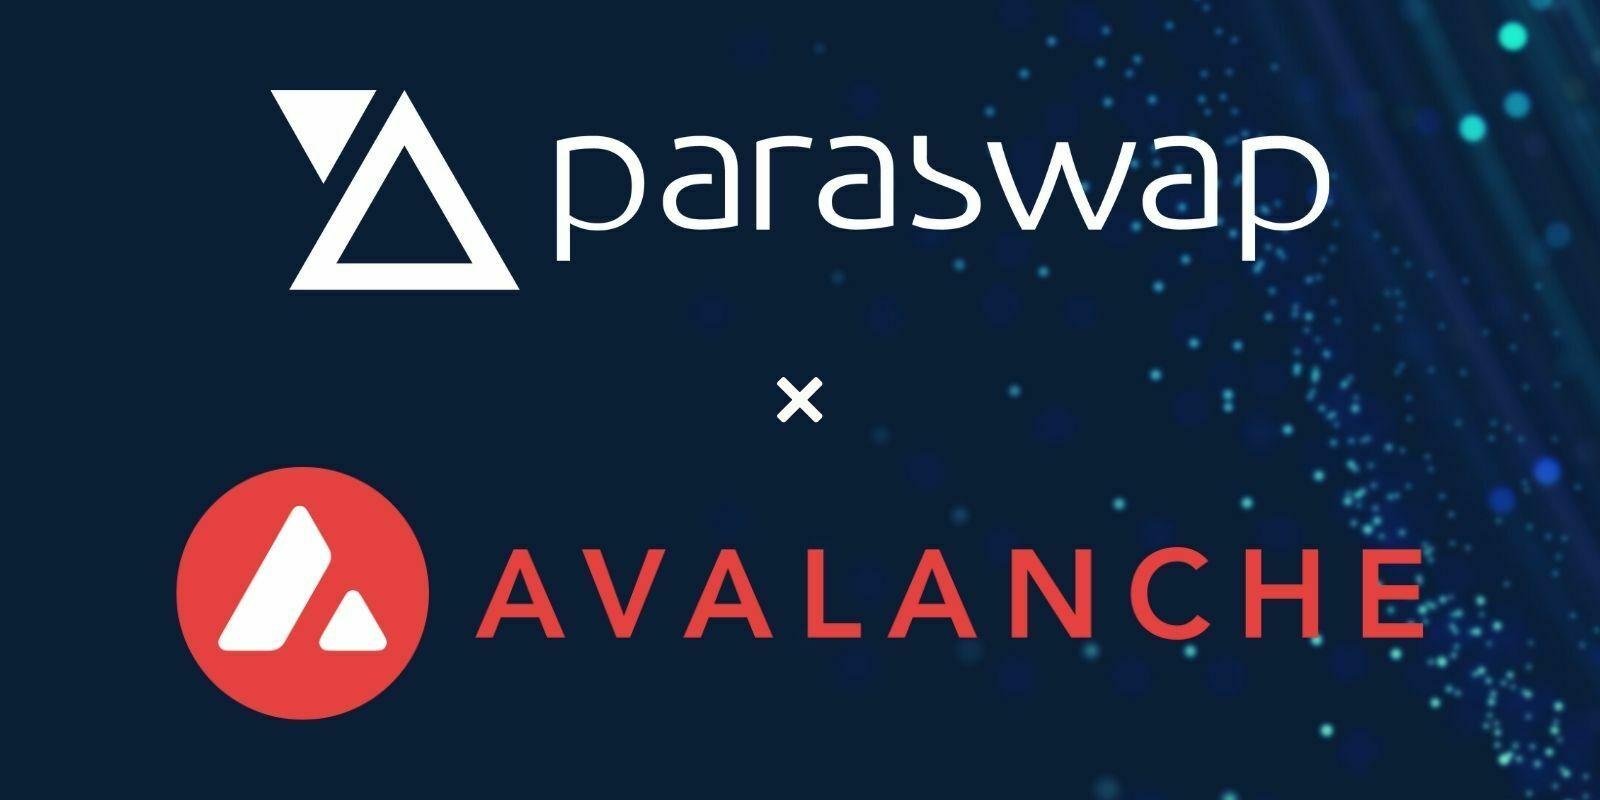 L'agrégateur de DEX ParaSwap rejoint l'écosystème de la blockchain Avalanche (AVAX)